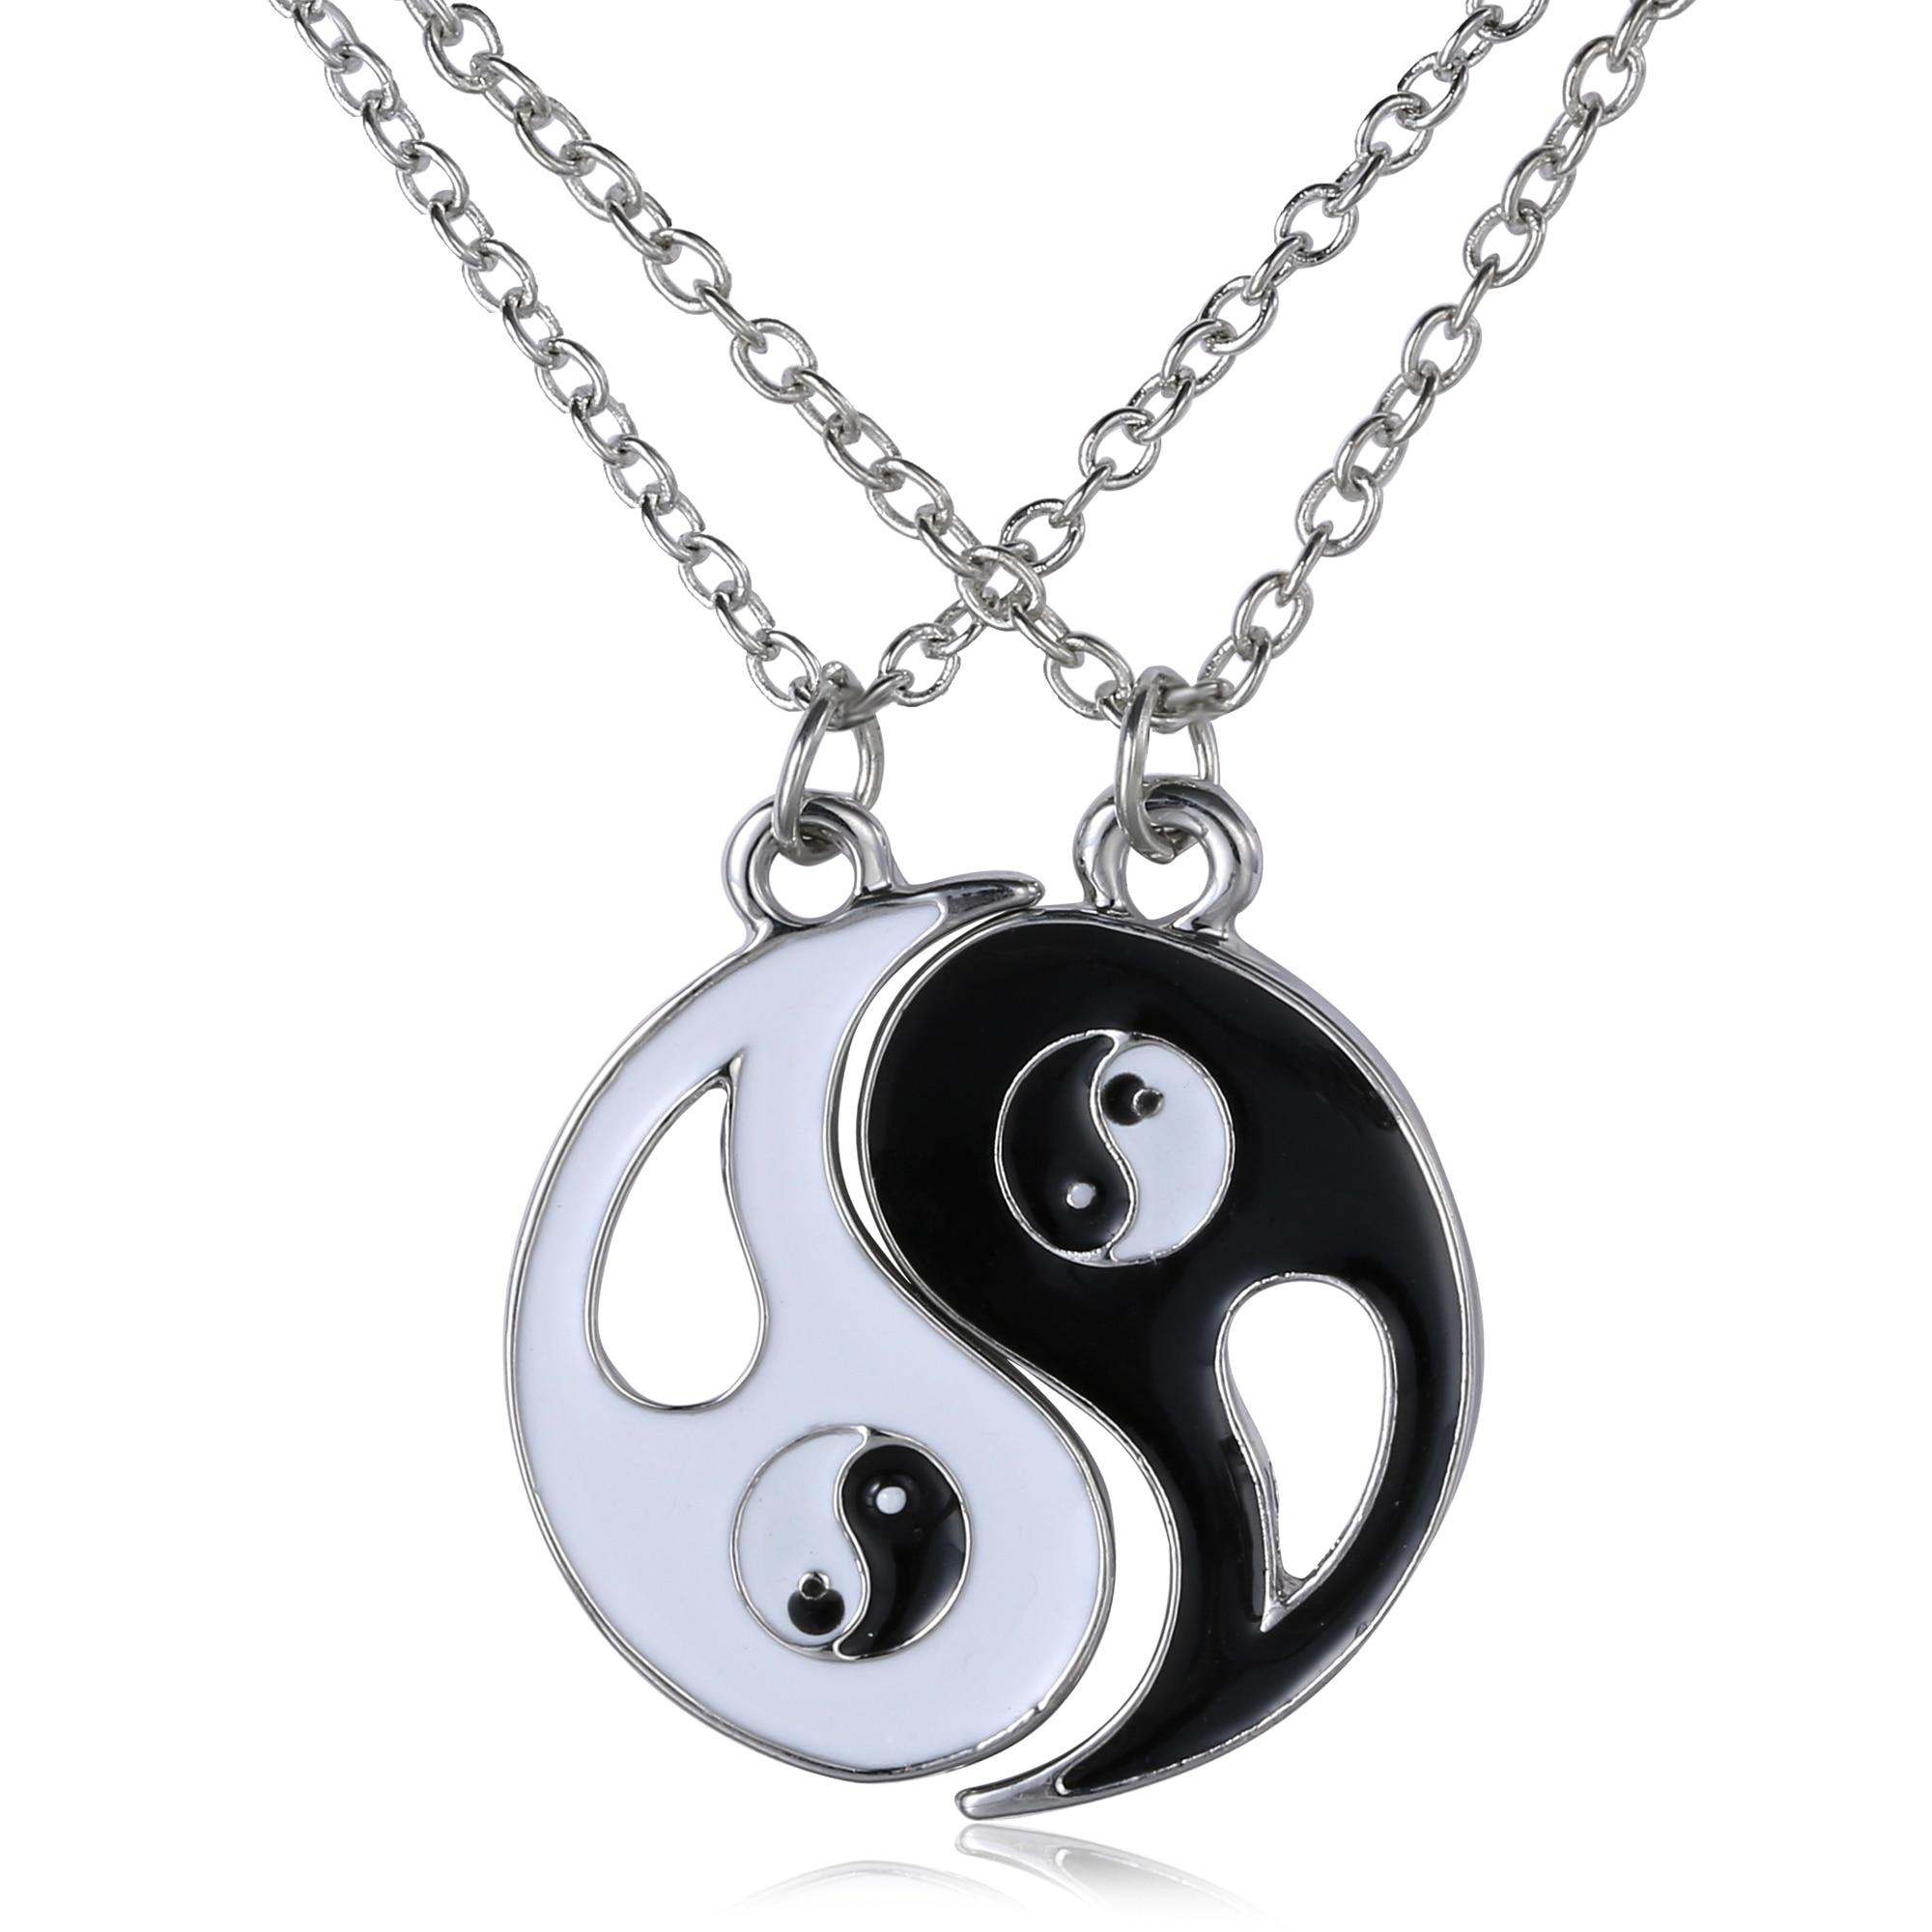 2P Yin Yang pakabukas karoliai juoda balta pora sesuo draugystės papuošalai unikalios asmeninės dovanos